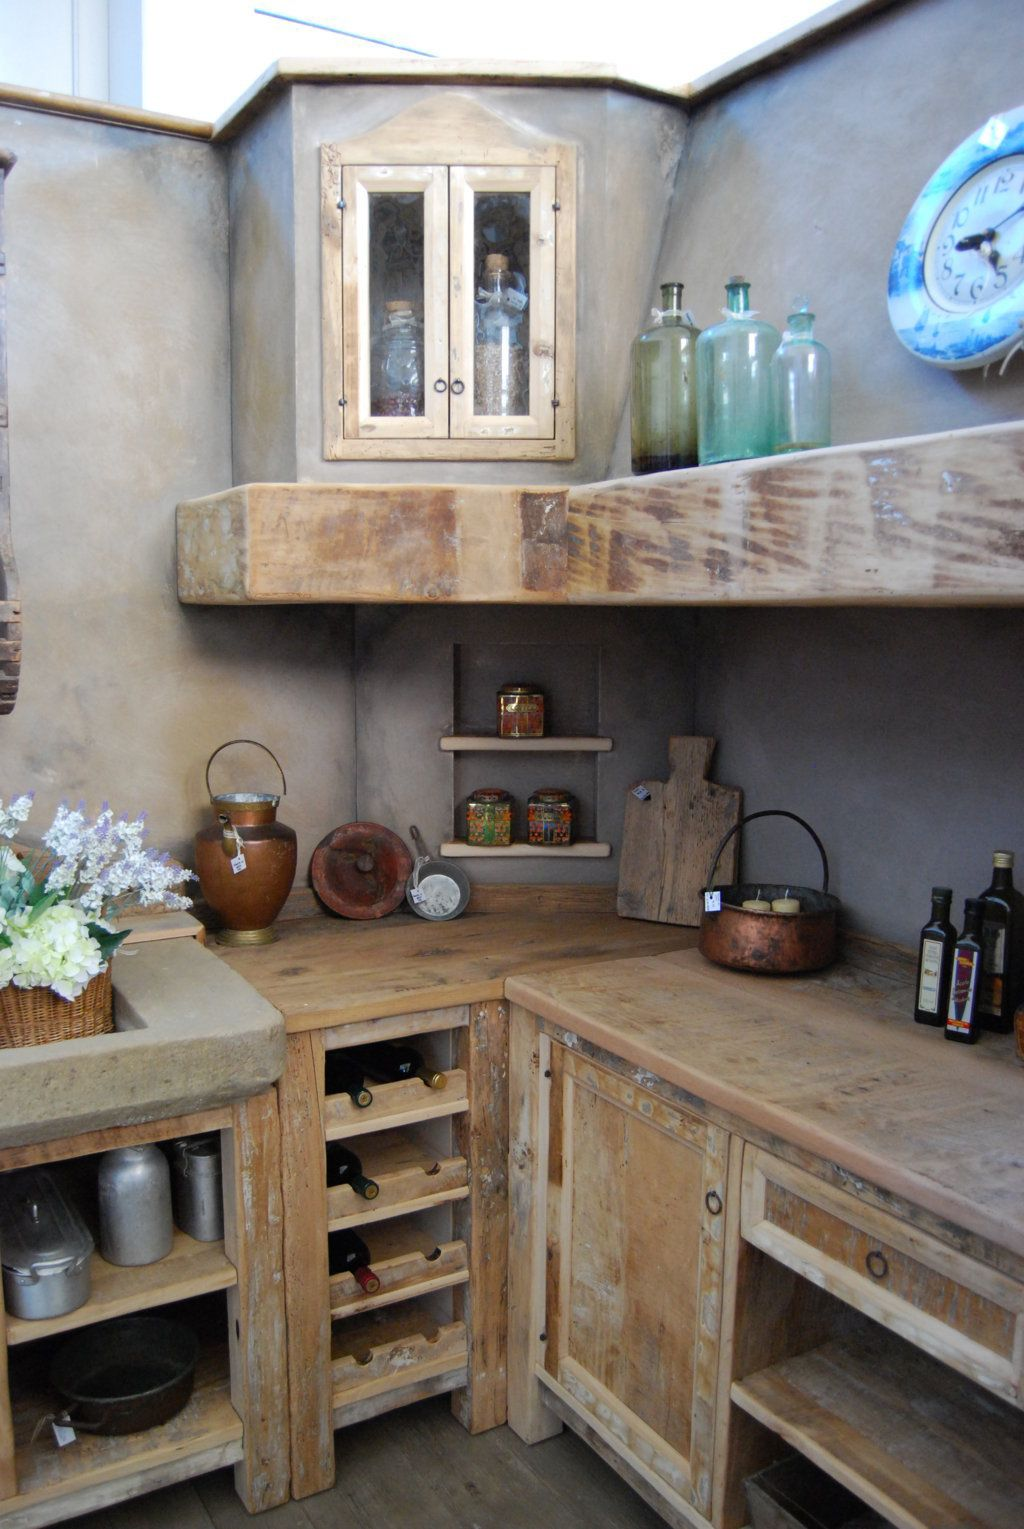 Arredamenti cucine piccole del tongo chia cucina angolare - Arredamenti cucine piccole ...